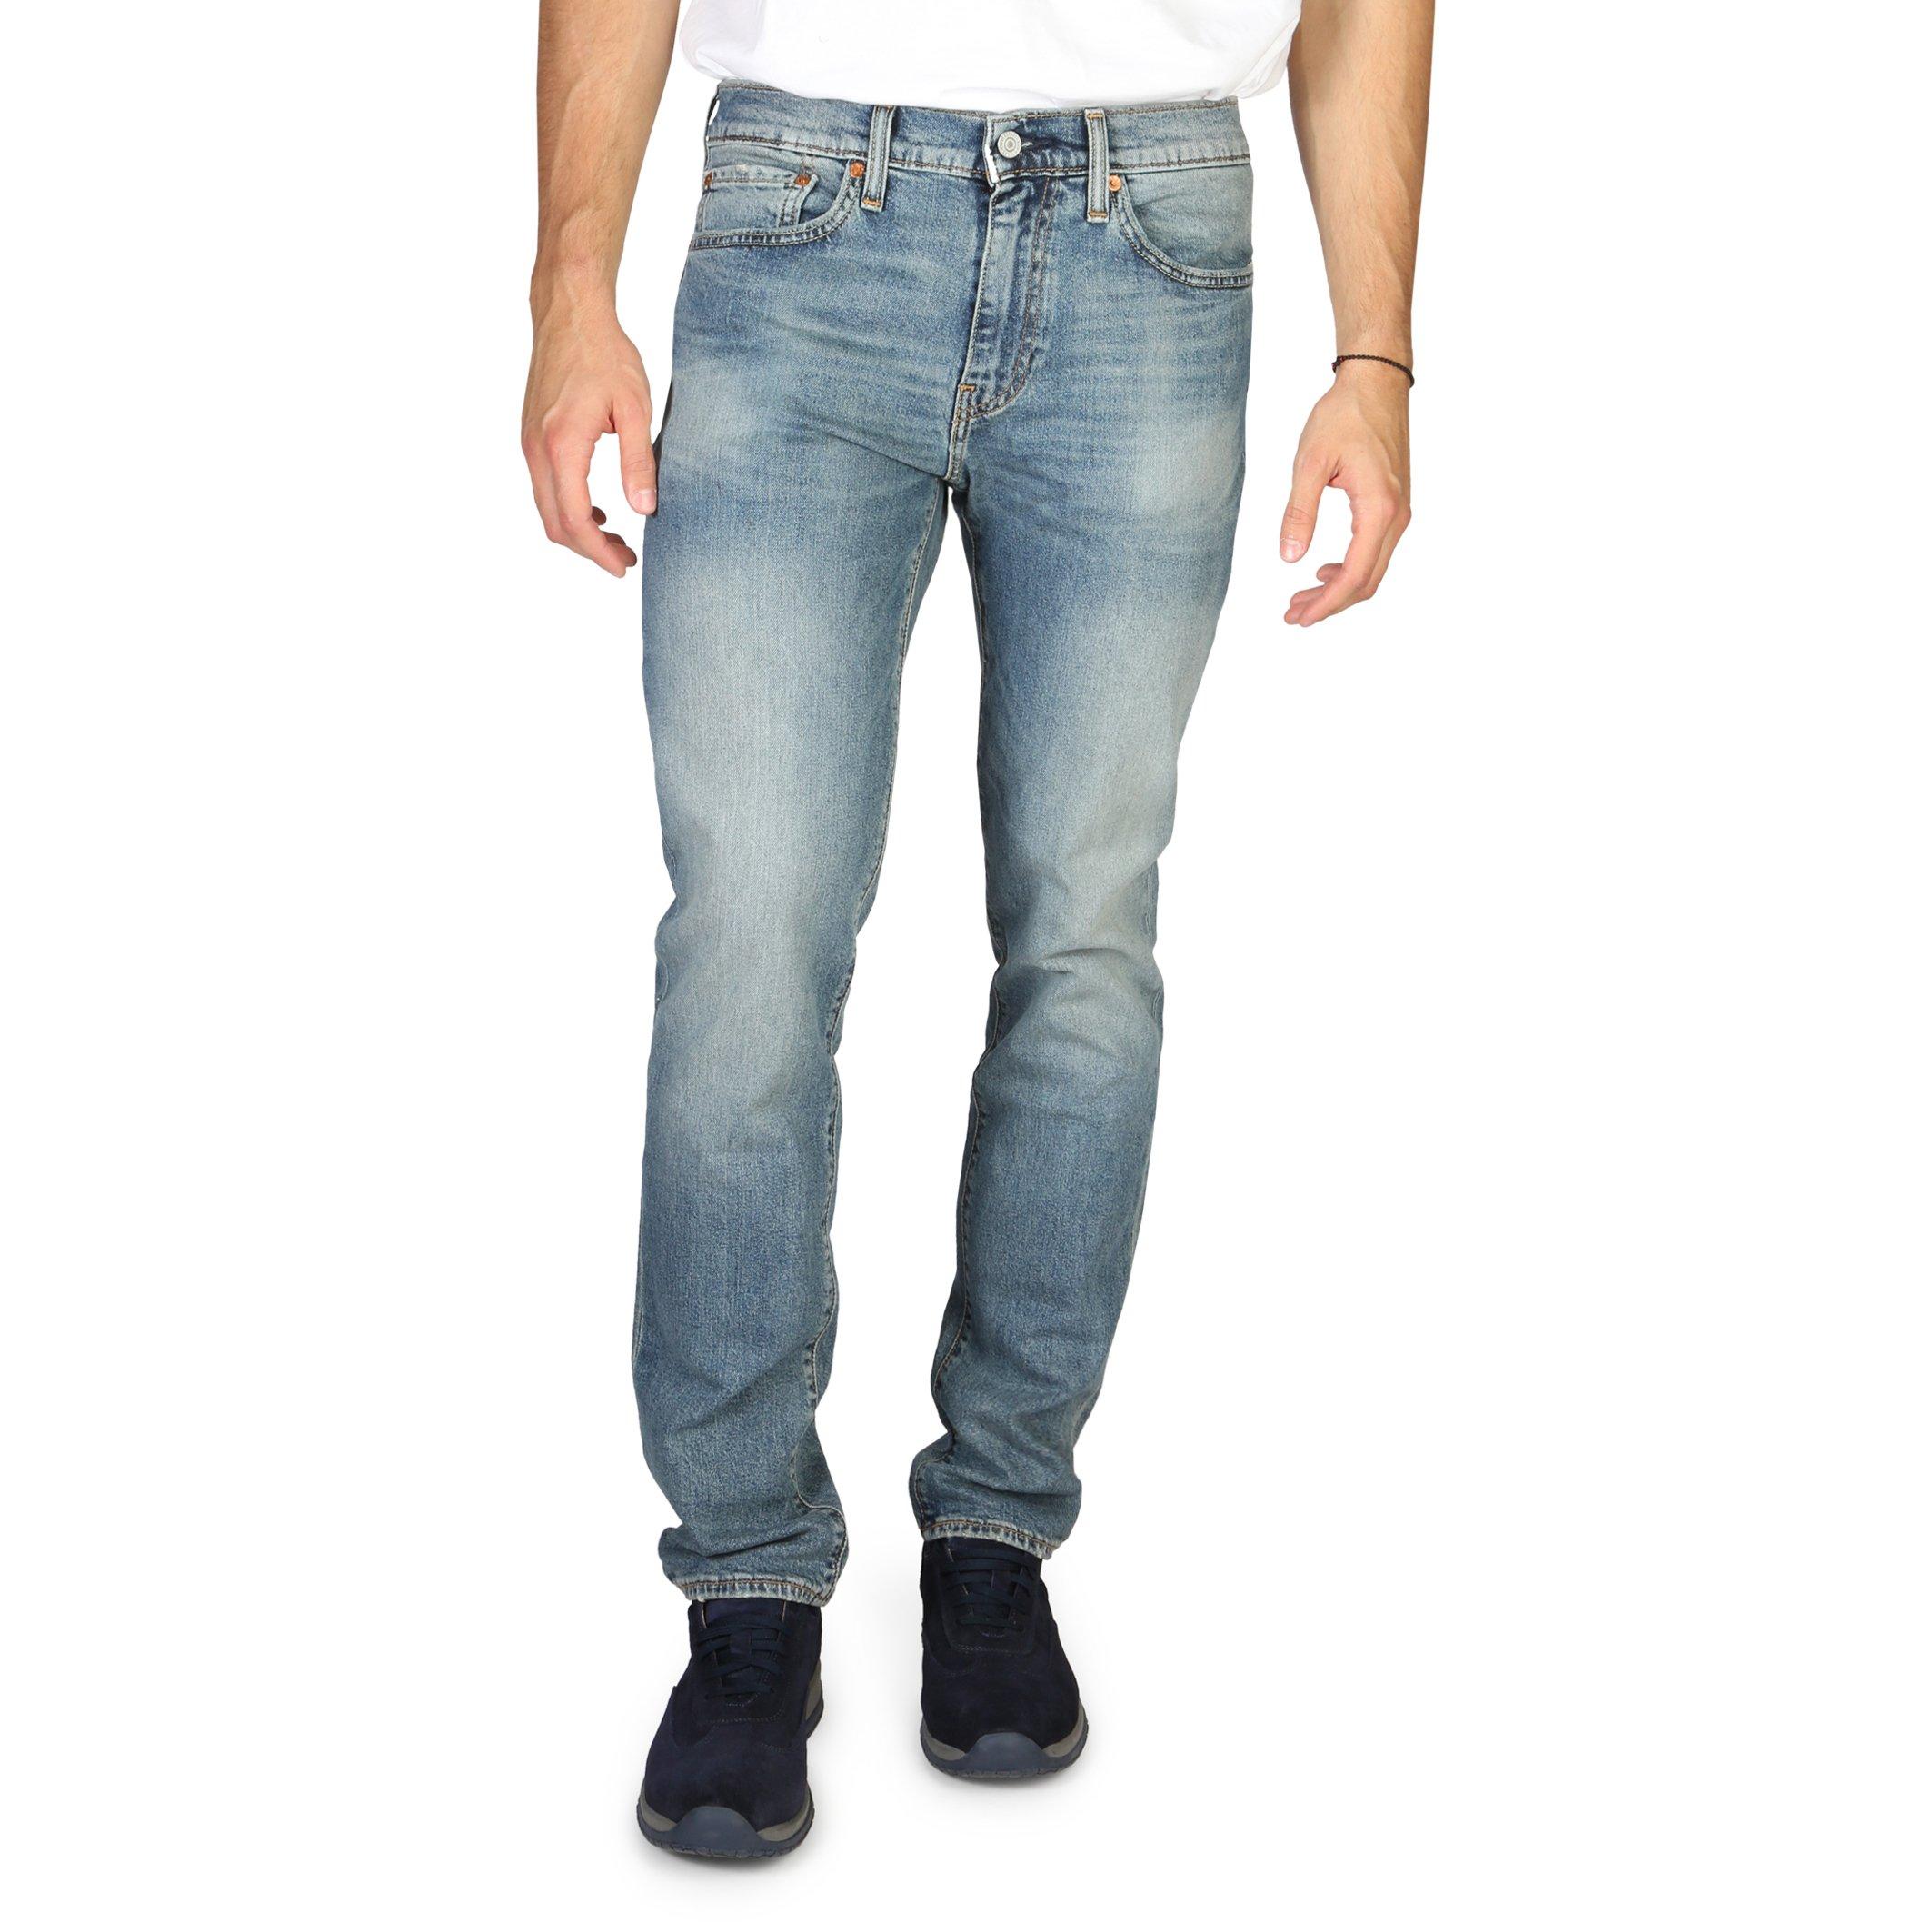 Levis Men's Jeans Various Colours 511-SLIM - blue-1 30